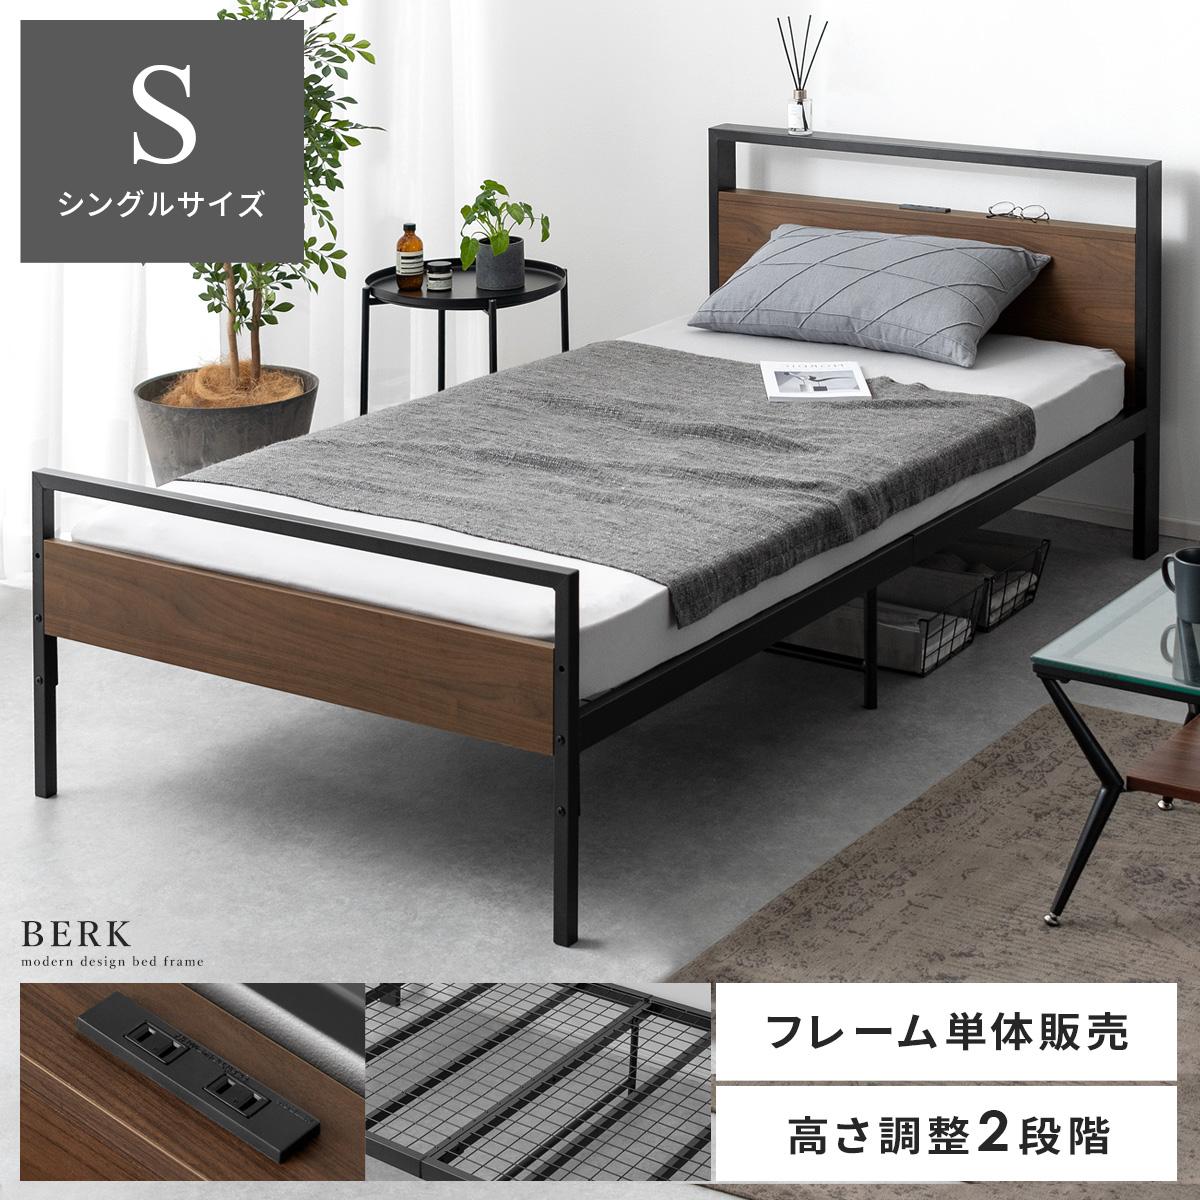 ベッド シングル フレーム スチール ベッドフレーム シングルベッド 北欧 シンプル おしゃれ ナチュラル ヴィンテージ フレームのみ BERK〔ベルク〕 シングルサイズ 黒 ブラック|ベッドマットレス 寝具 シングルマット ベット シングルベットフレーム